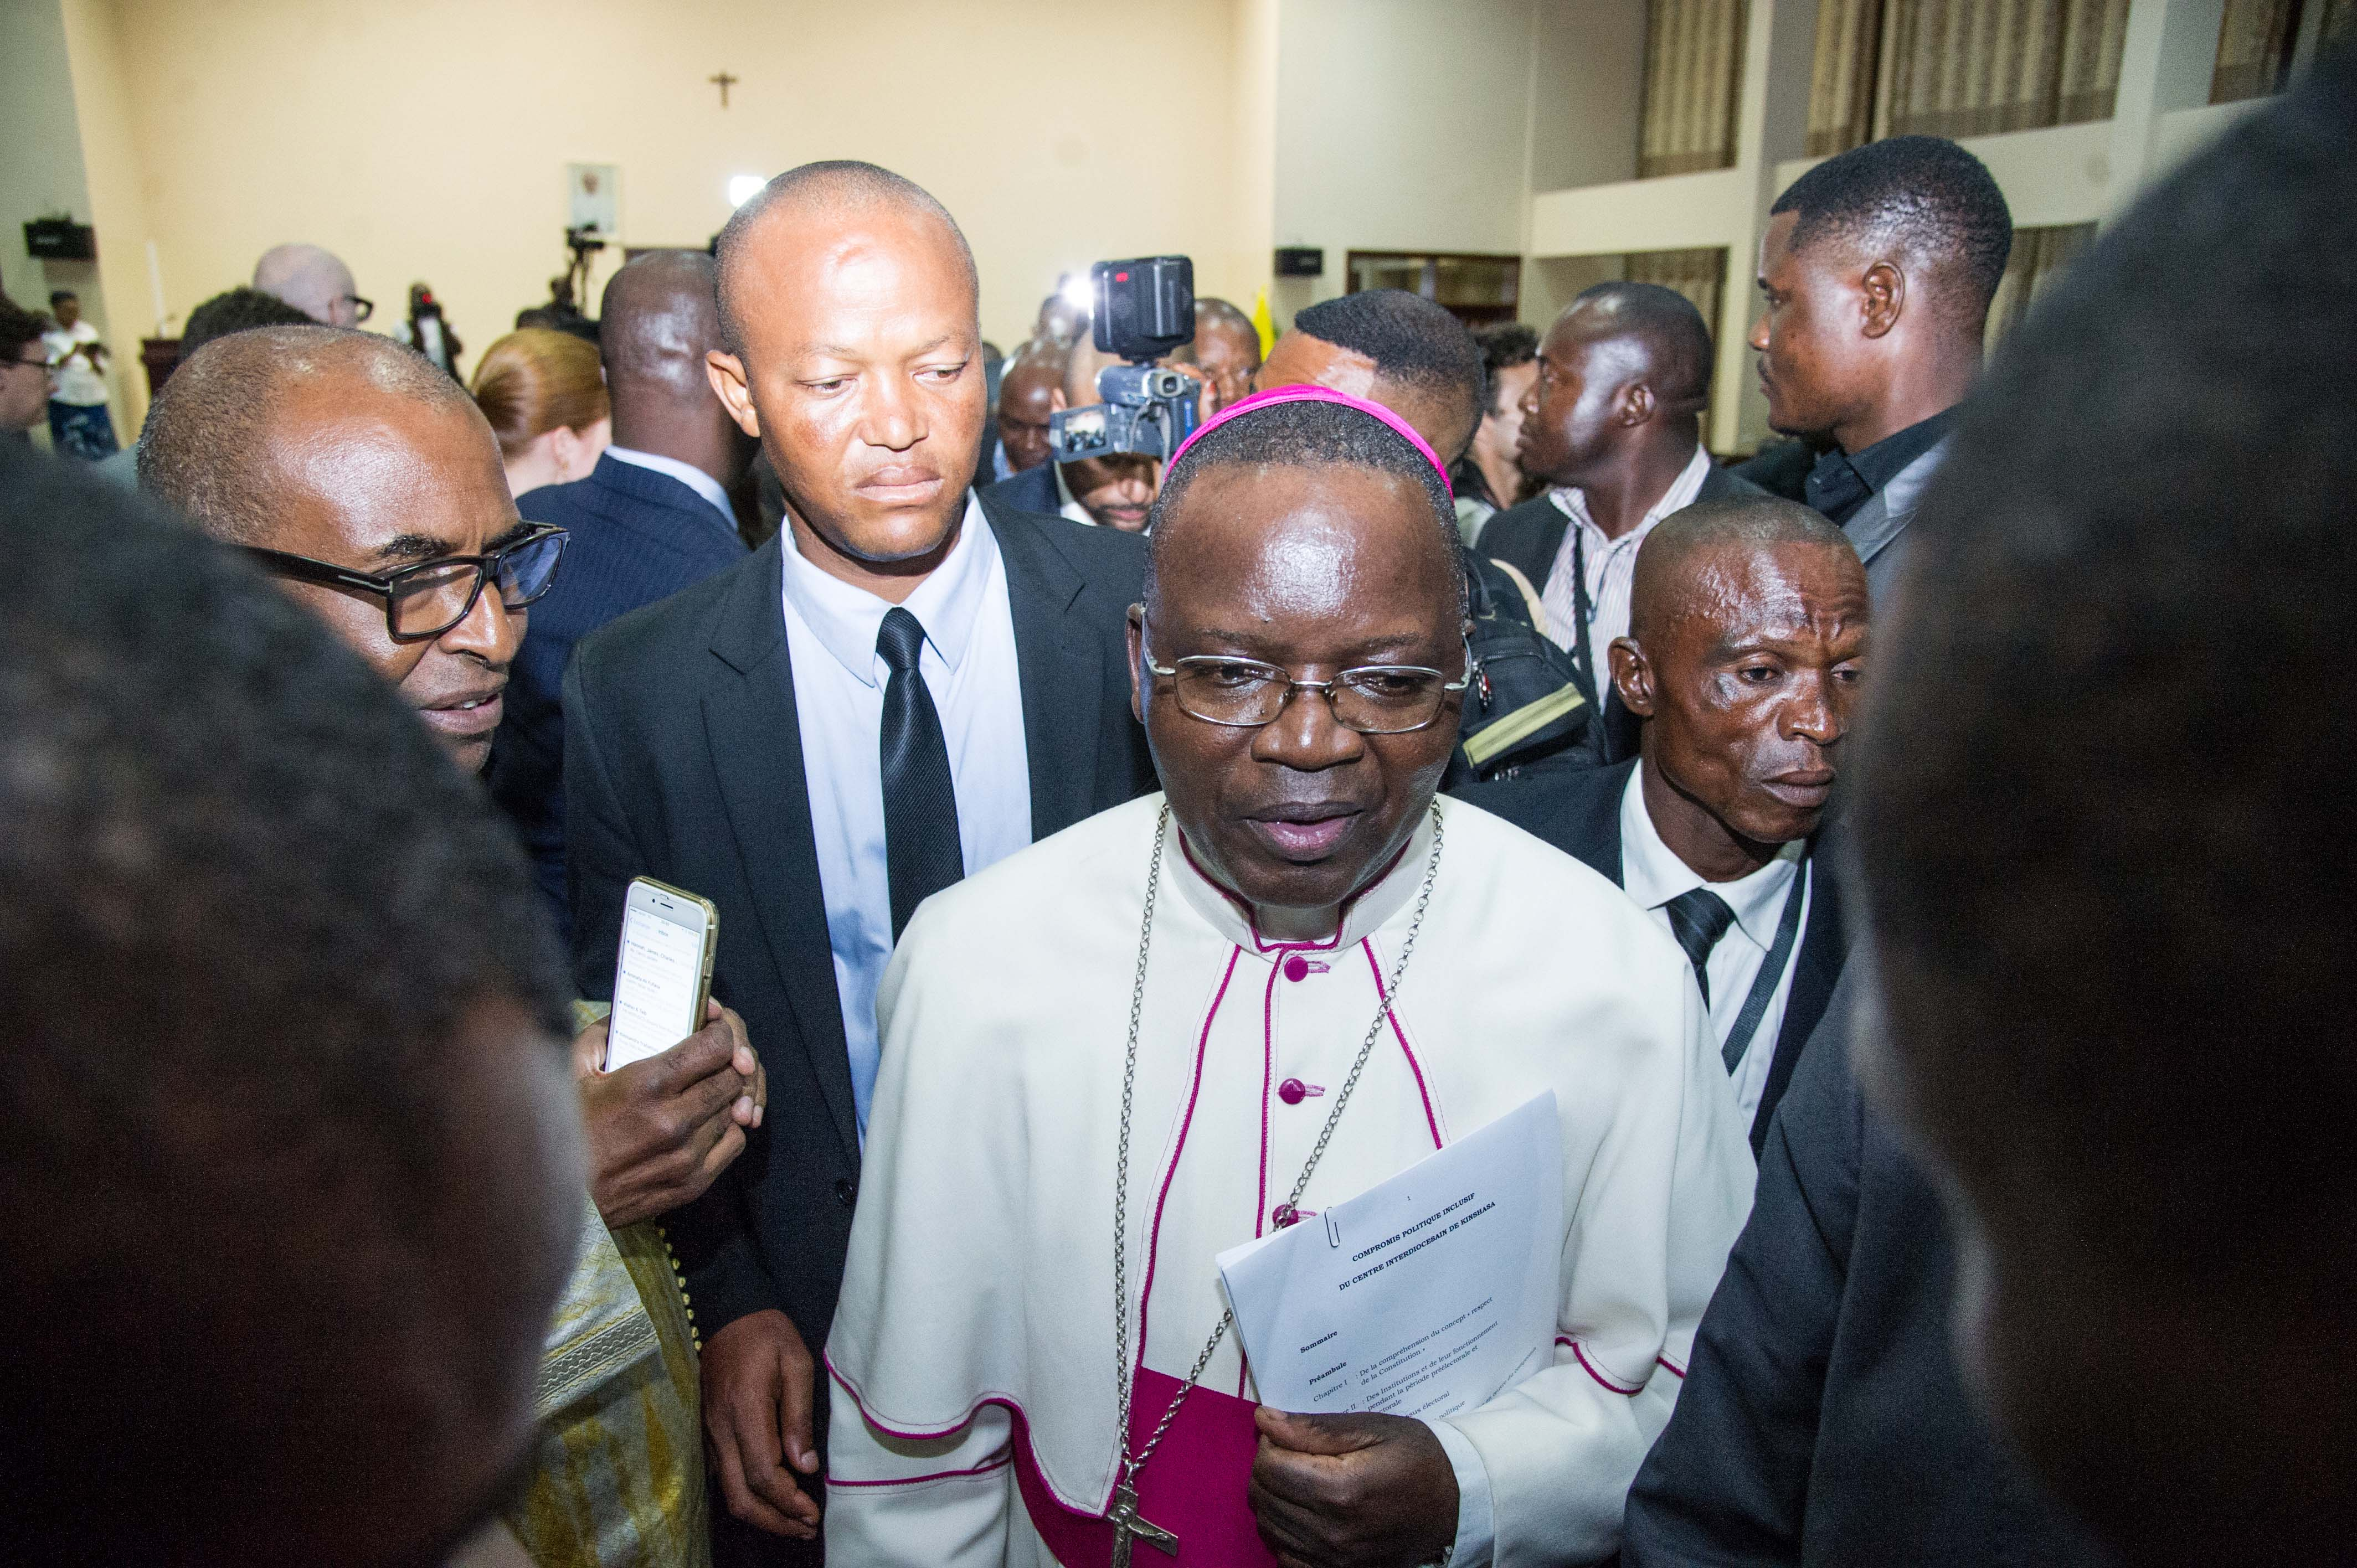 رئيس الاسقفية الكونغولية مارسل يوتيمبى يغادر مقر الاسقفية بعد المباحثات